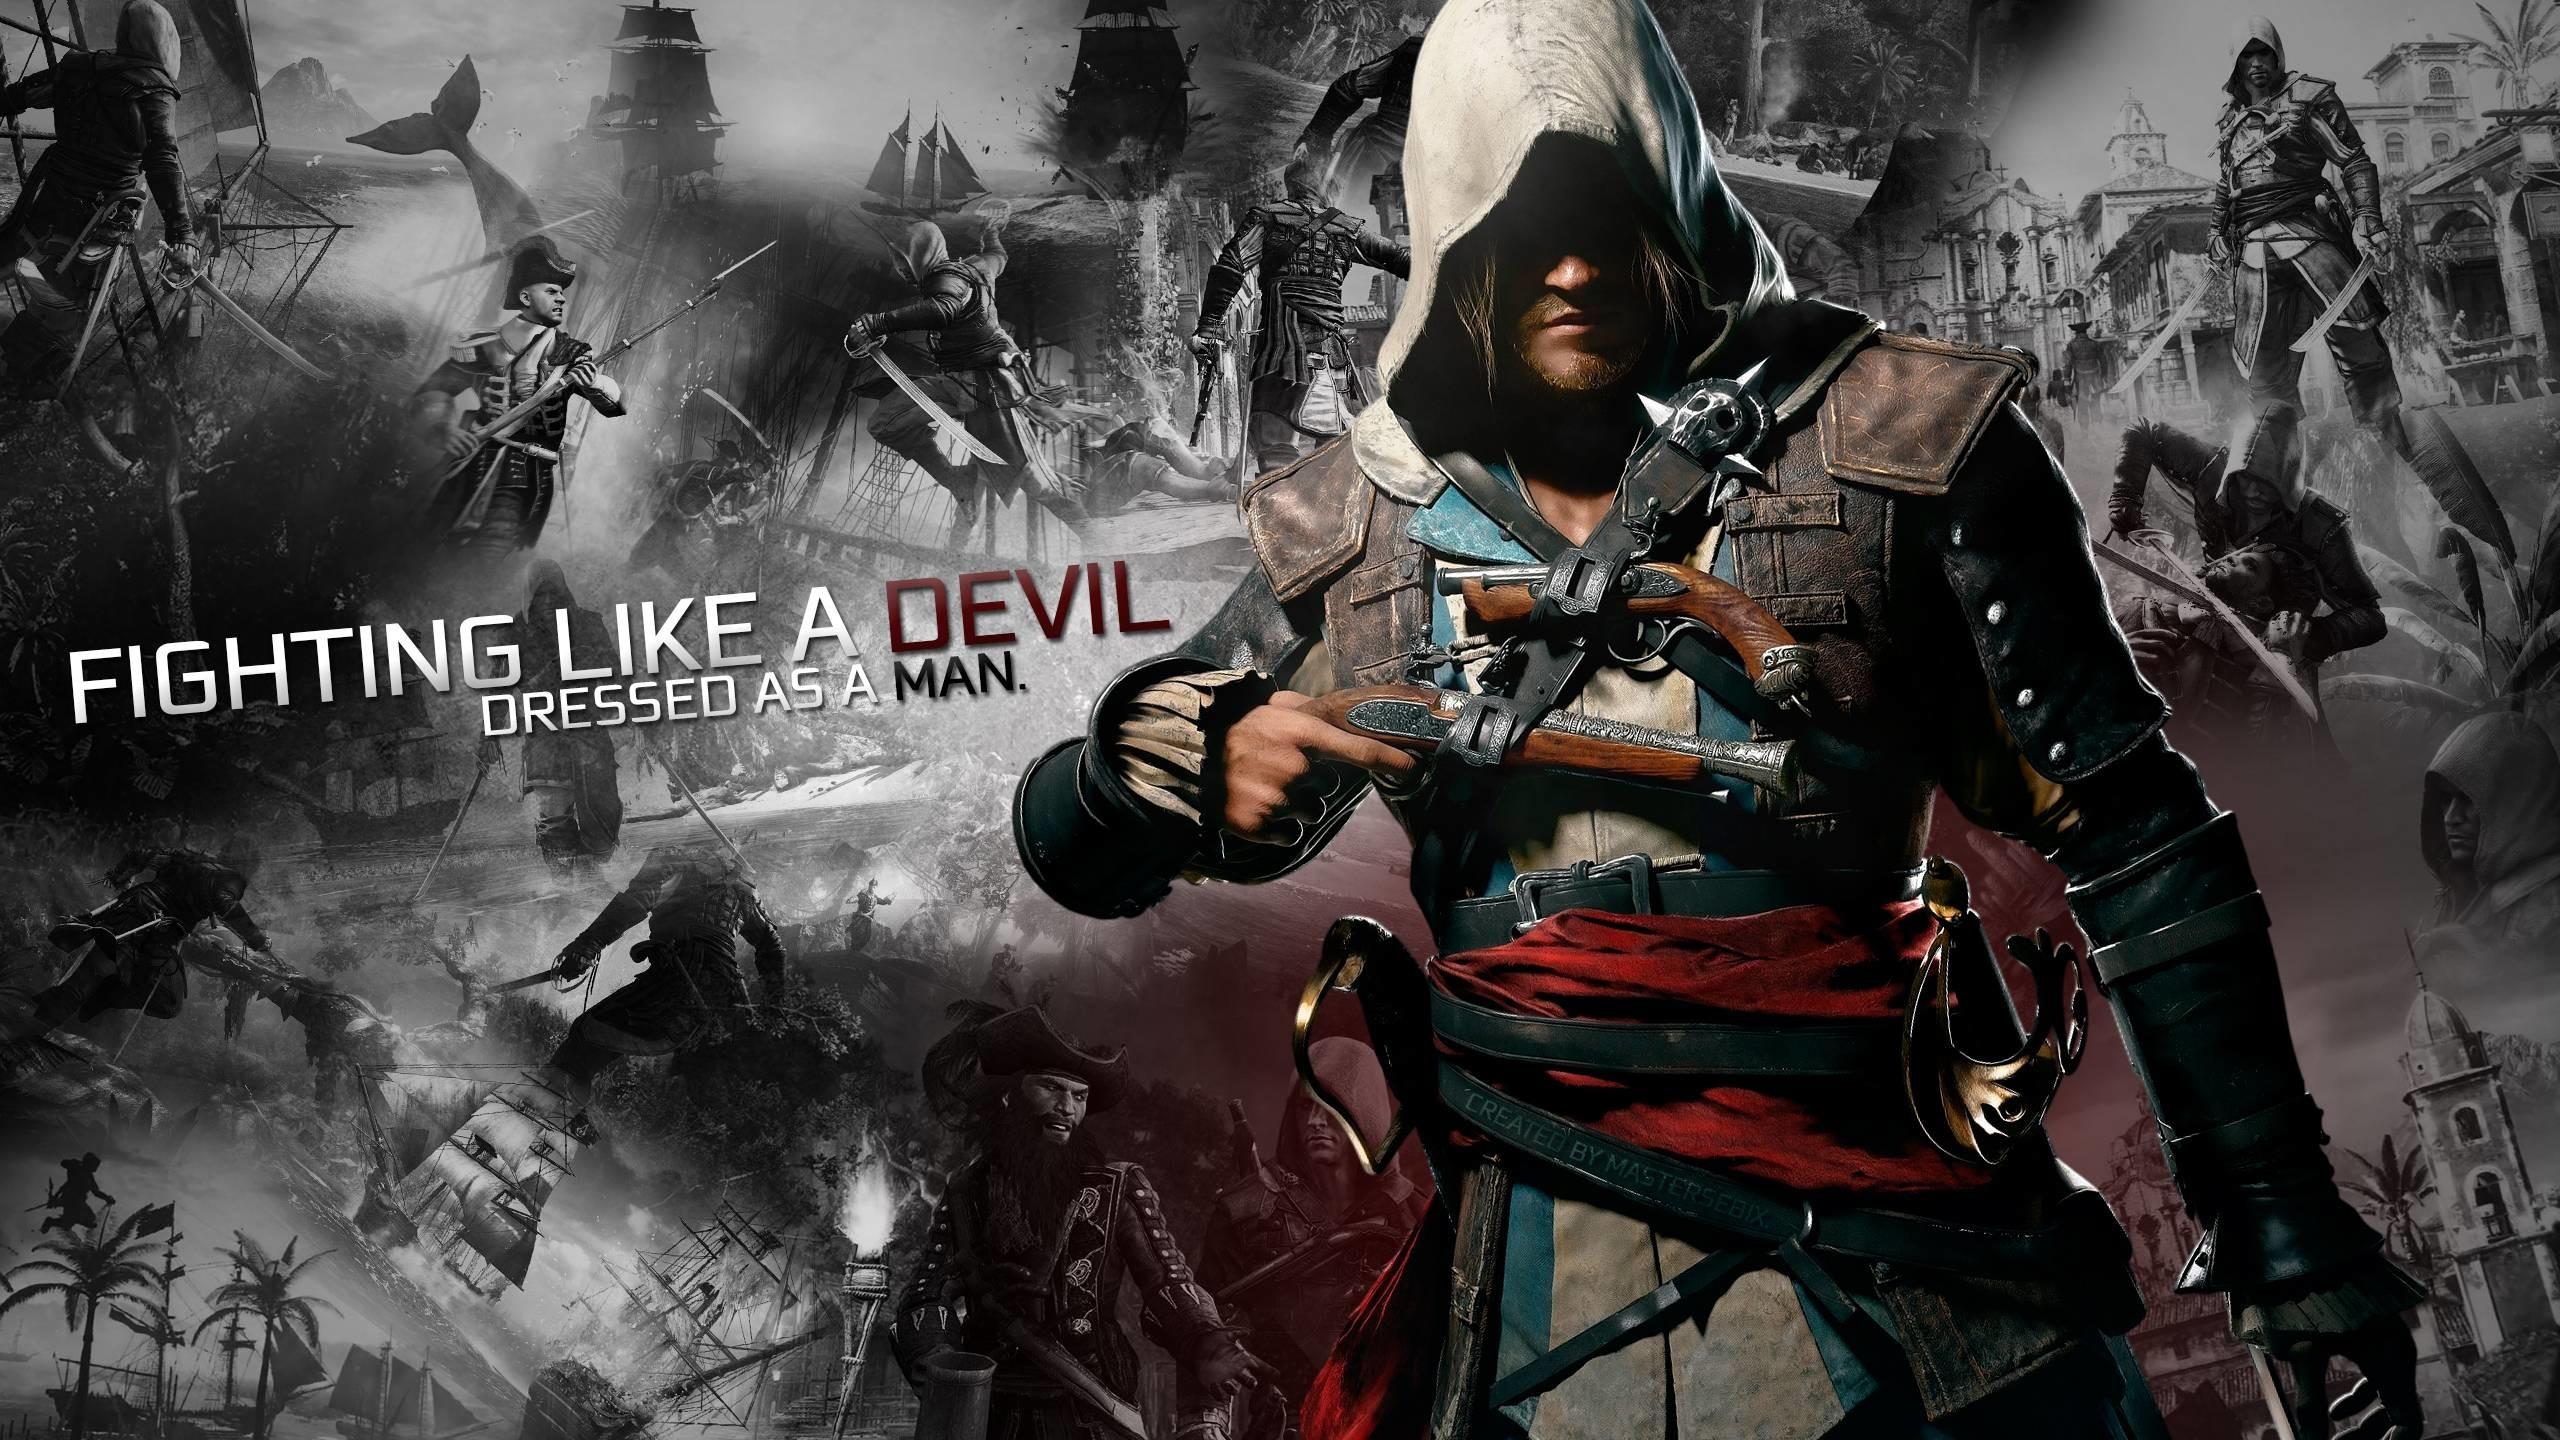 Assassins Creed 4 Black Flag Wallpaper In Hd Data Assassin S